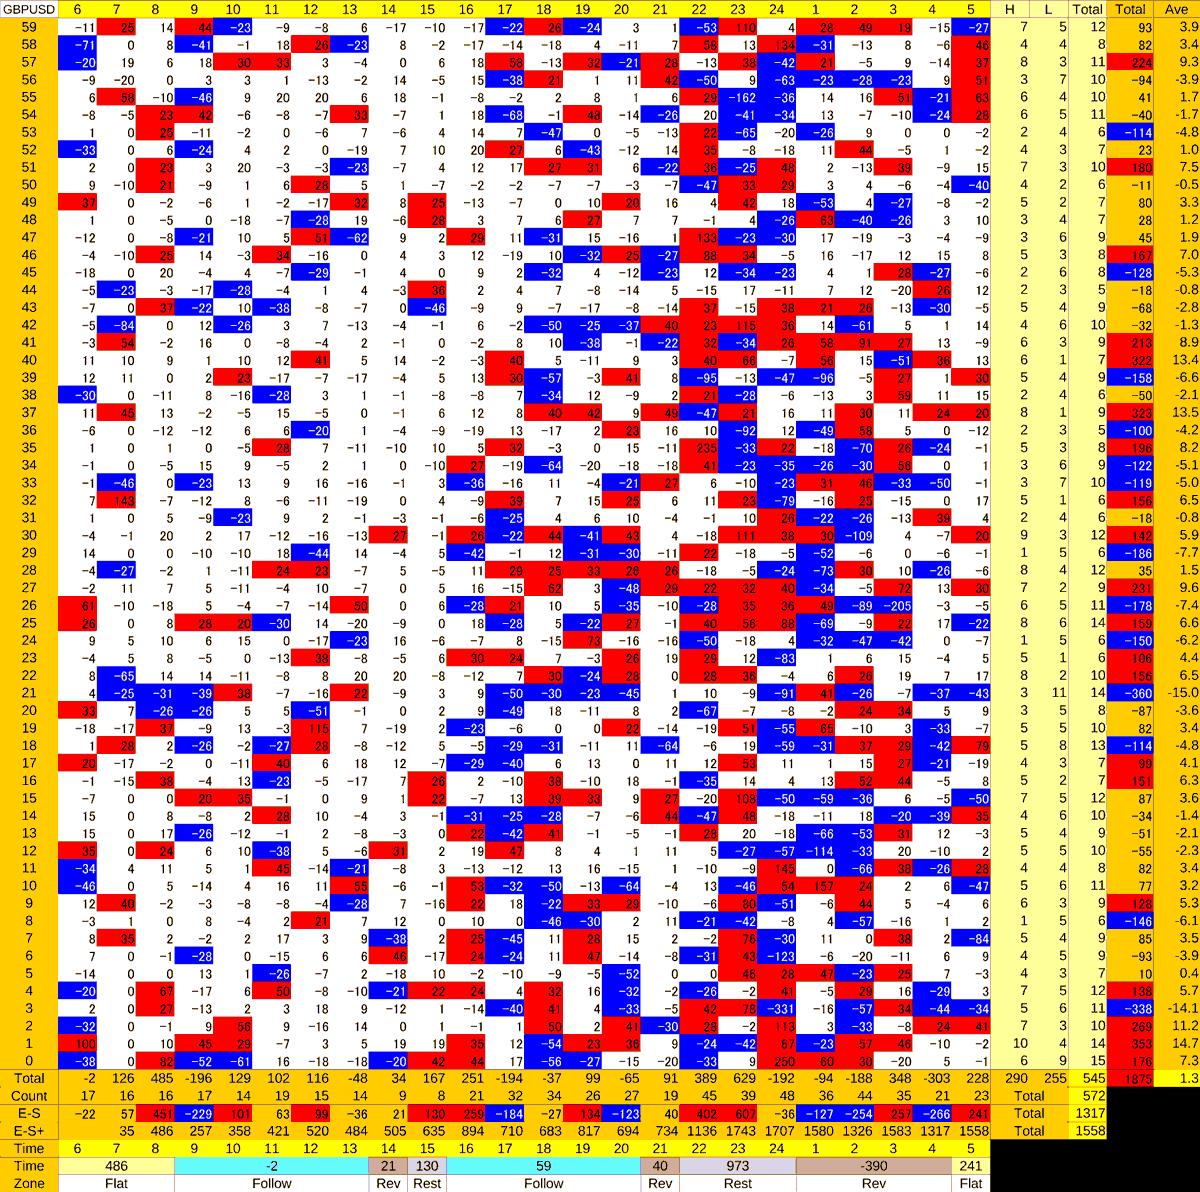 20201223_HS(2)GBPUSD